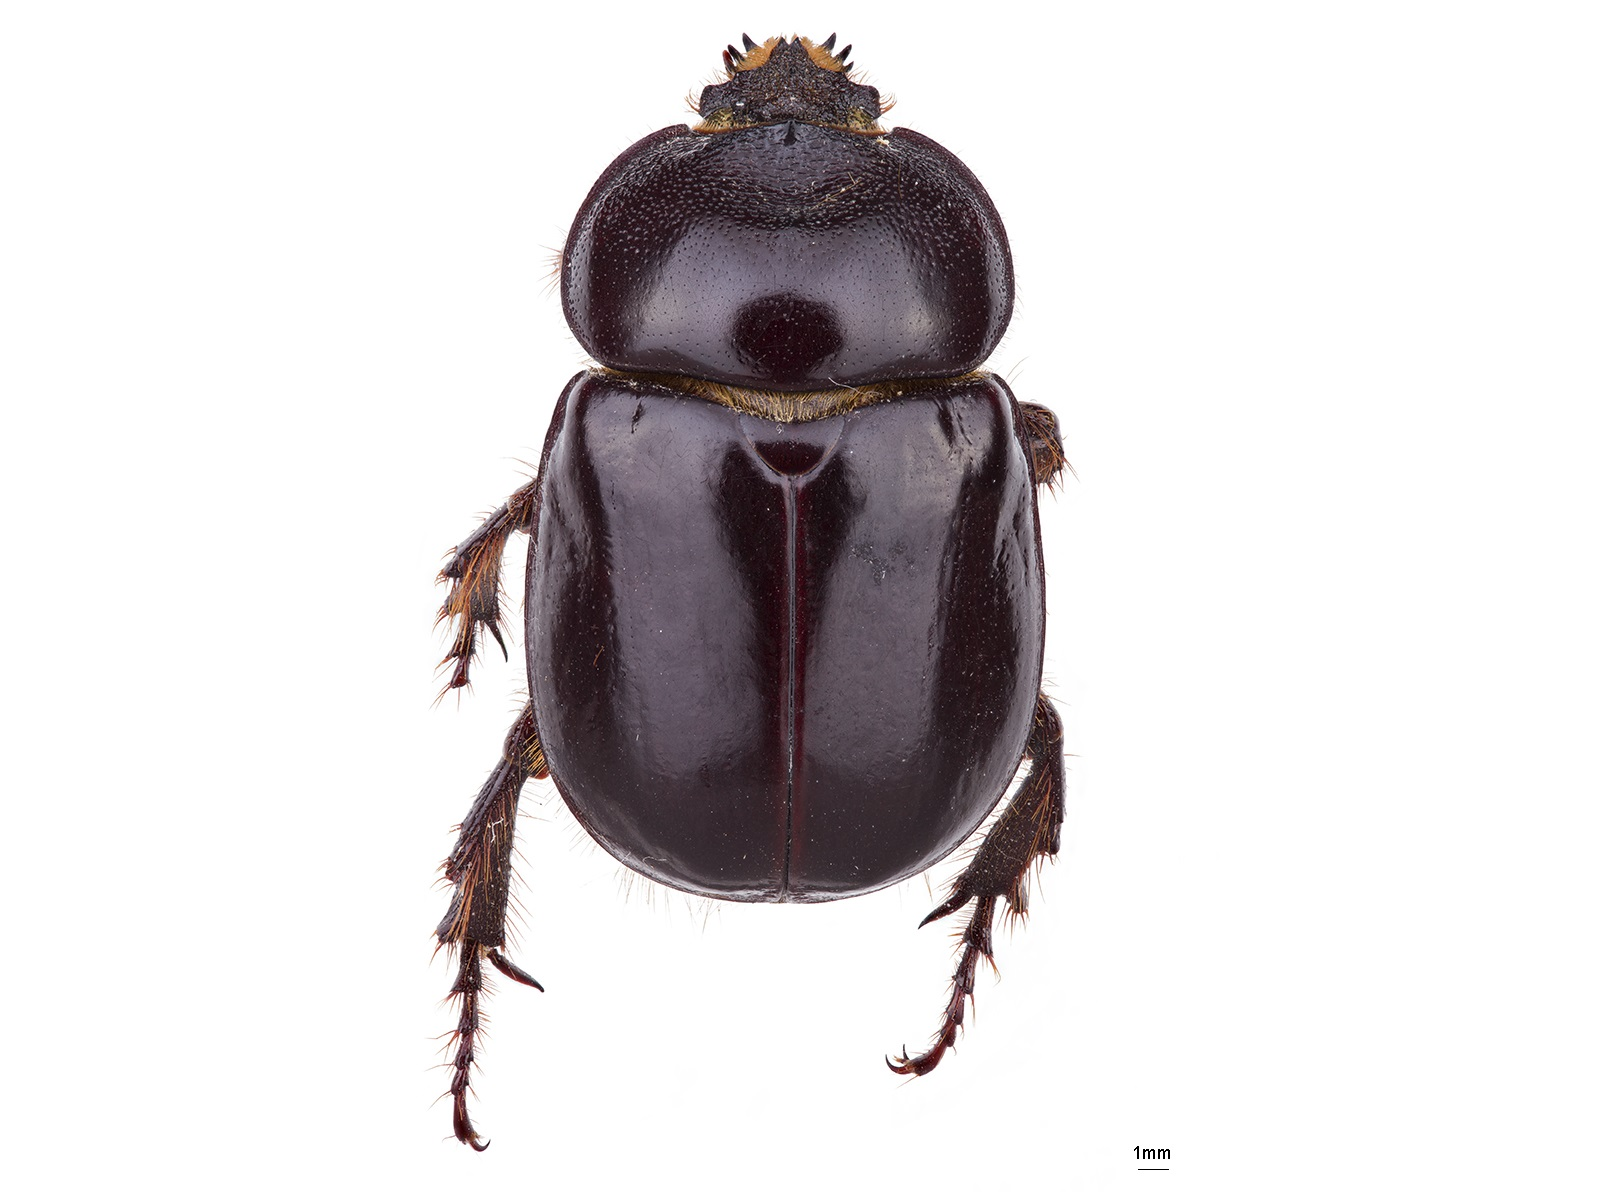 Bothynus complanus(Burmeister, 1847)